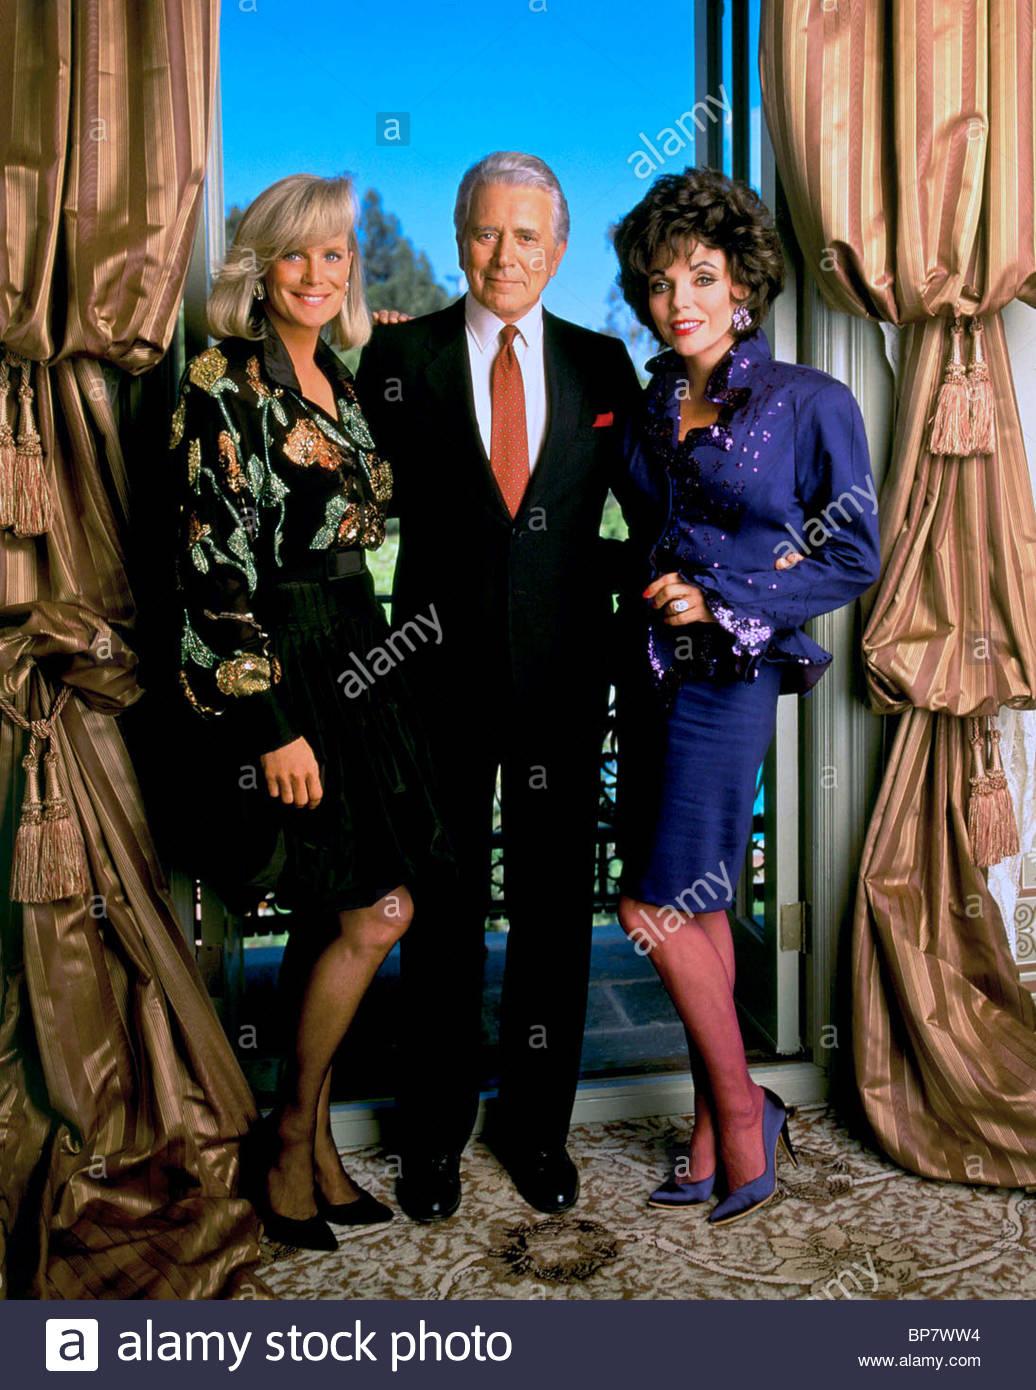 linda evans john forsythe joan collins dynasty 1981 stock photo 30906768 alamy. Black Bedroom Furniture Sets. Home Design Ideas